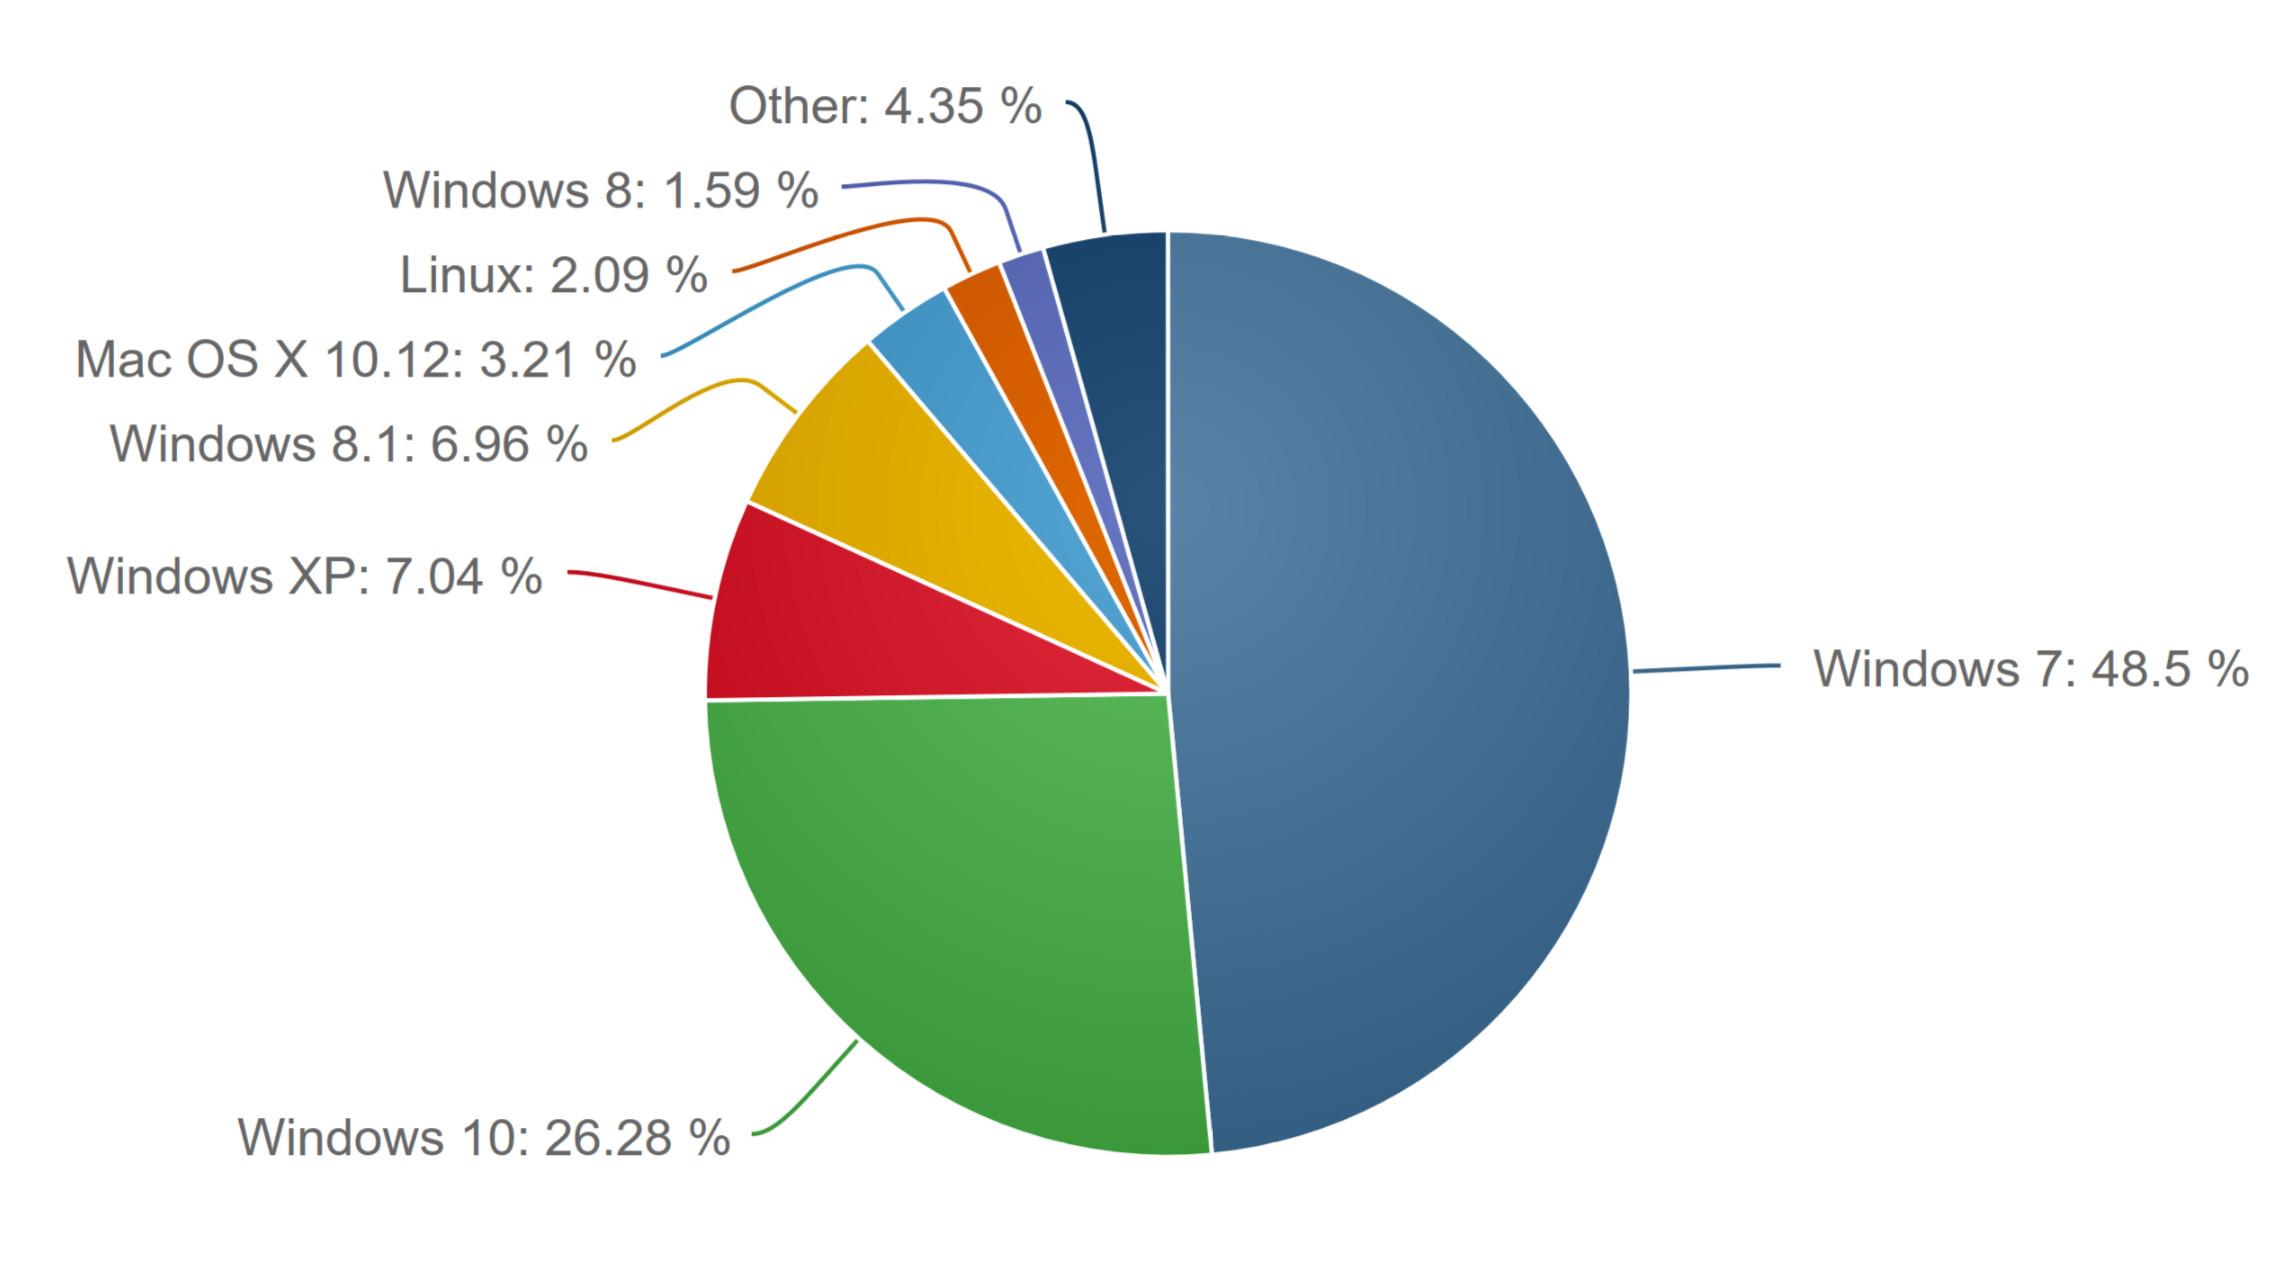 Klicken Sie auf die Grafik für eine größere Ansicht  Name:Skizze4.jpg Hits:37 Größe:164,5 KB ID:992594